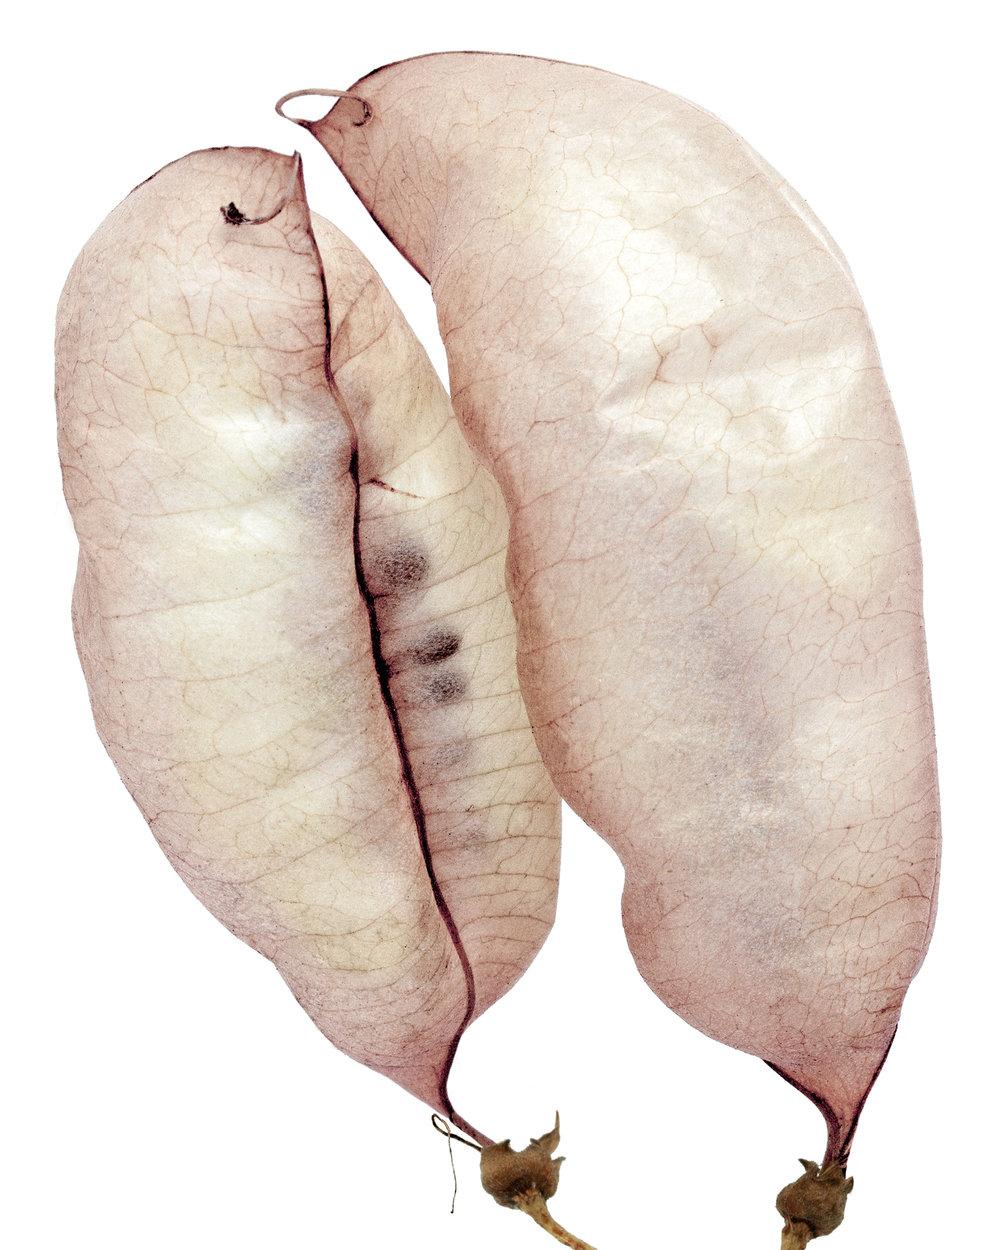 Bladder sienna ( Colutea arborescens)